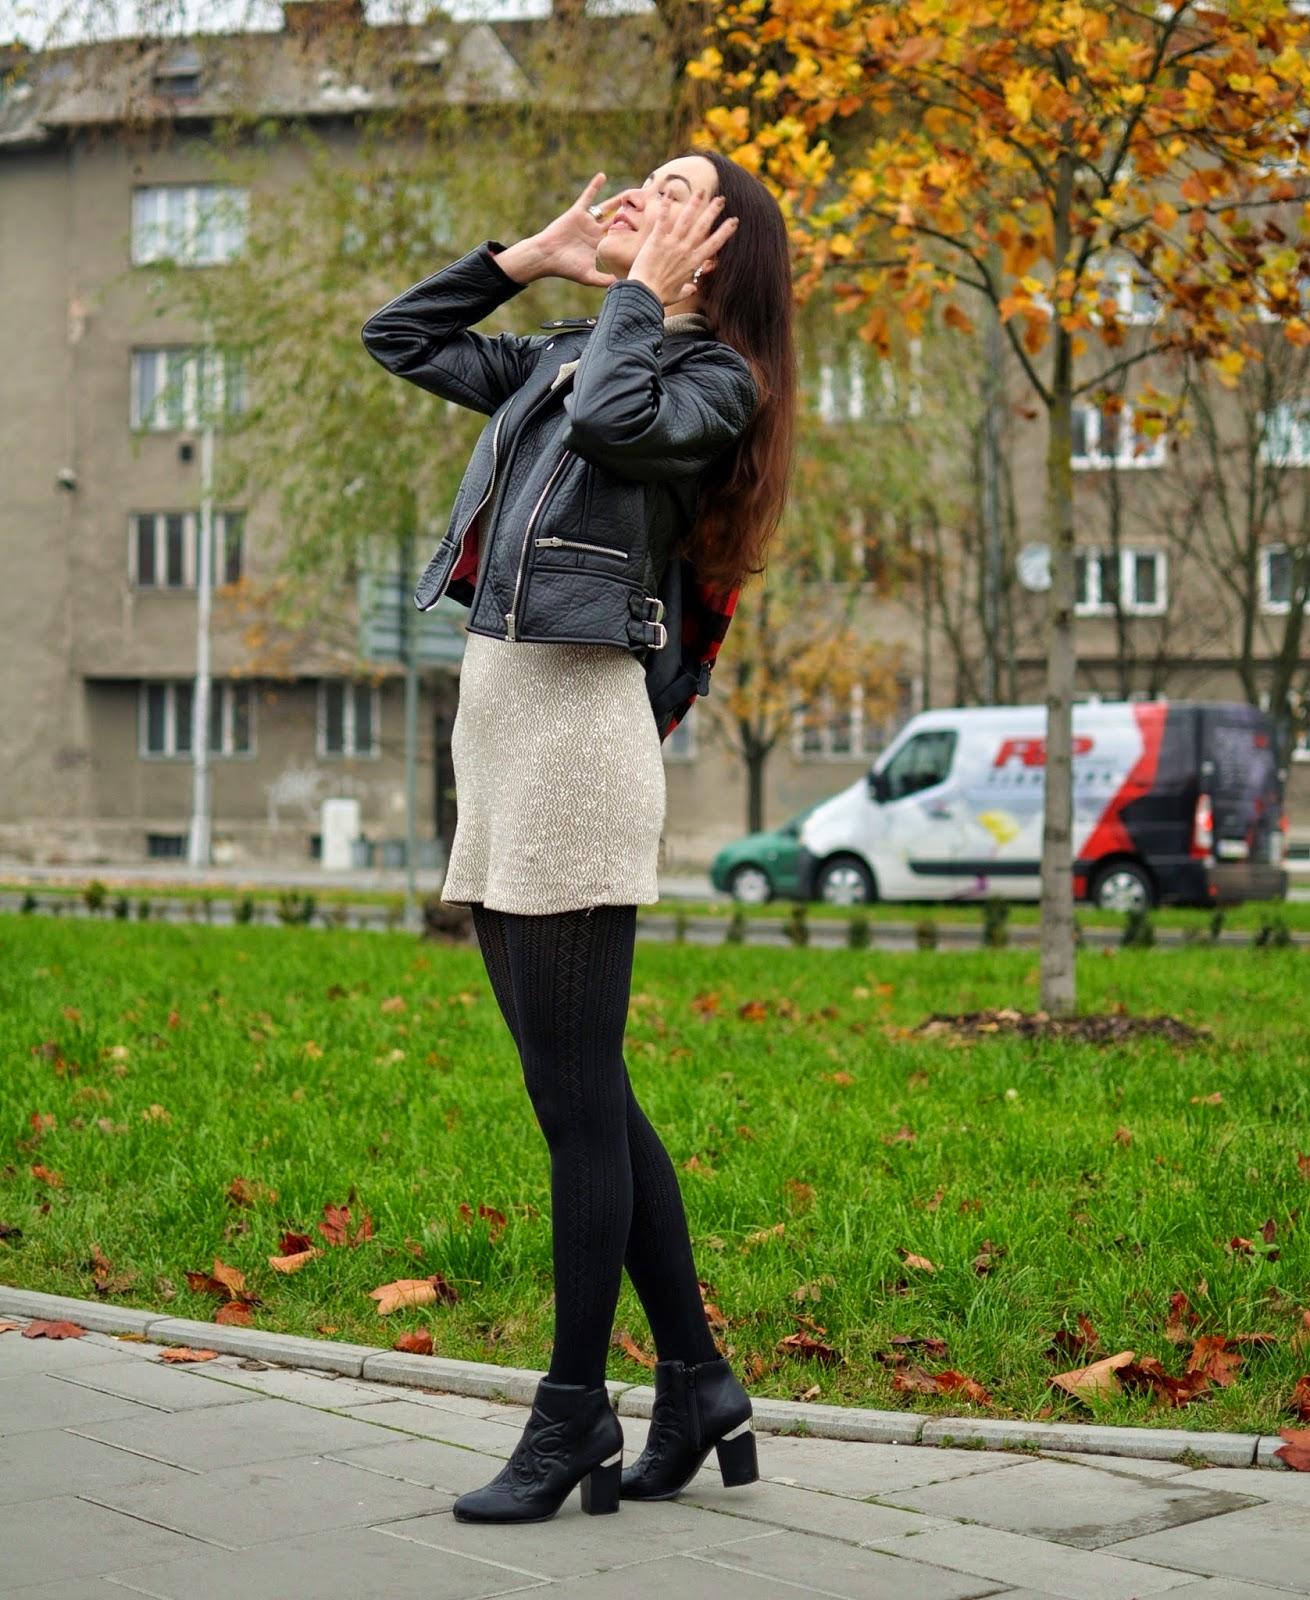 5272dd7dc2 Veroniky módní deníček  Mají nové blogy šanci uspět